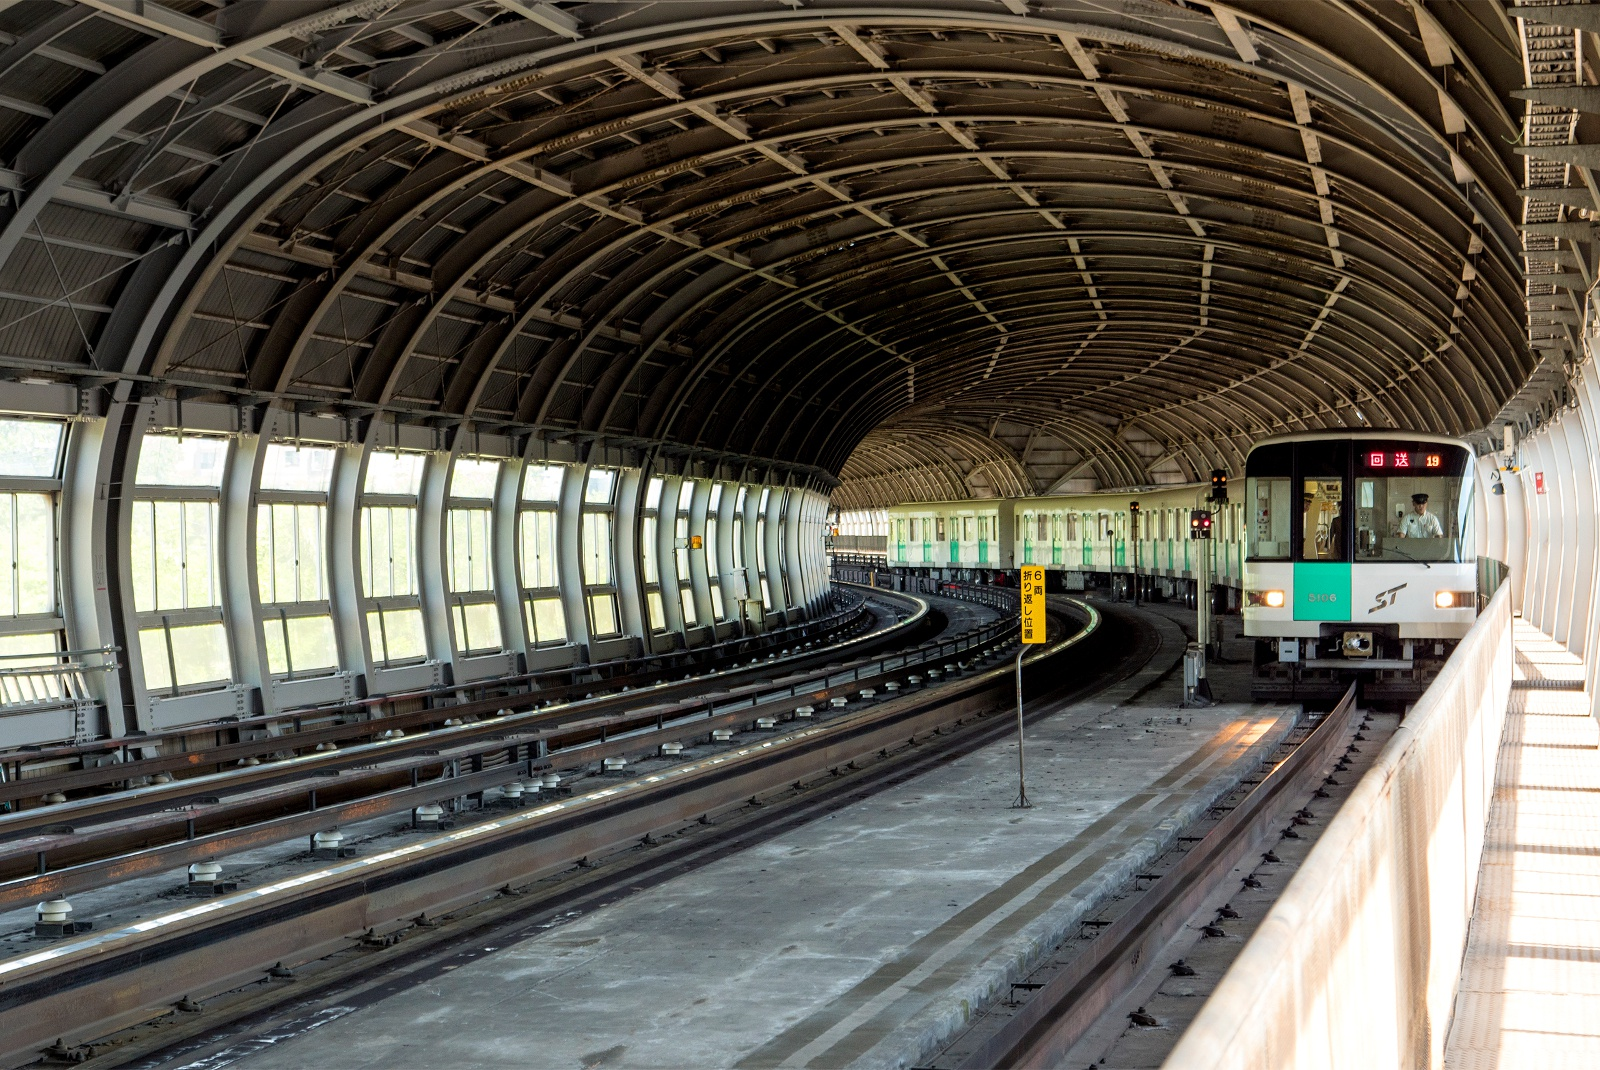 地下鉄なのにシェルター?! 南北線の一部区間が地上に出るワケとは